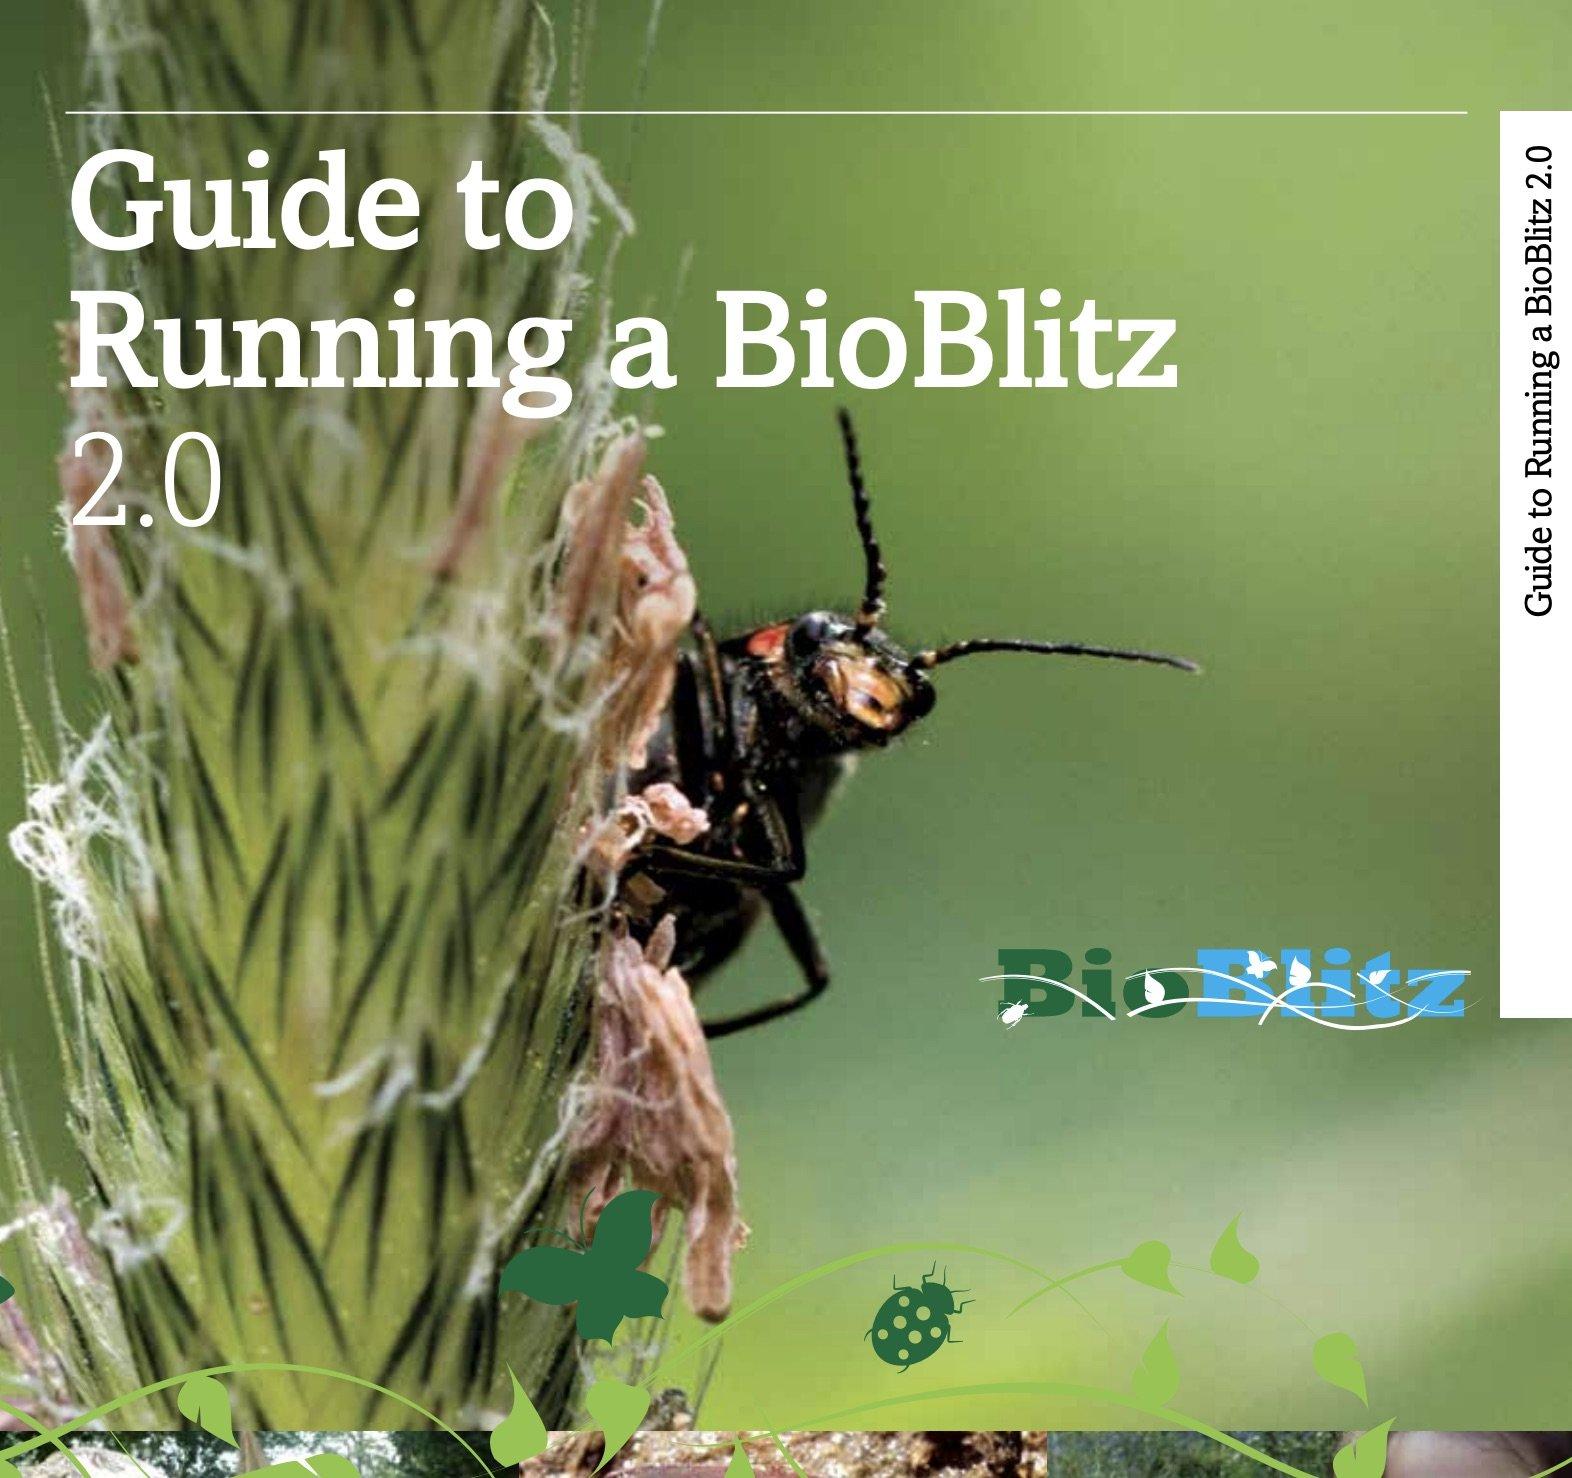 BioBlitz Guide